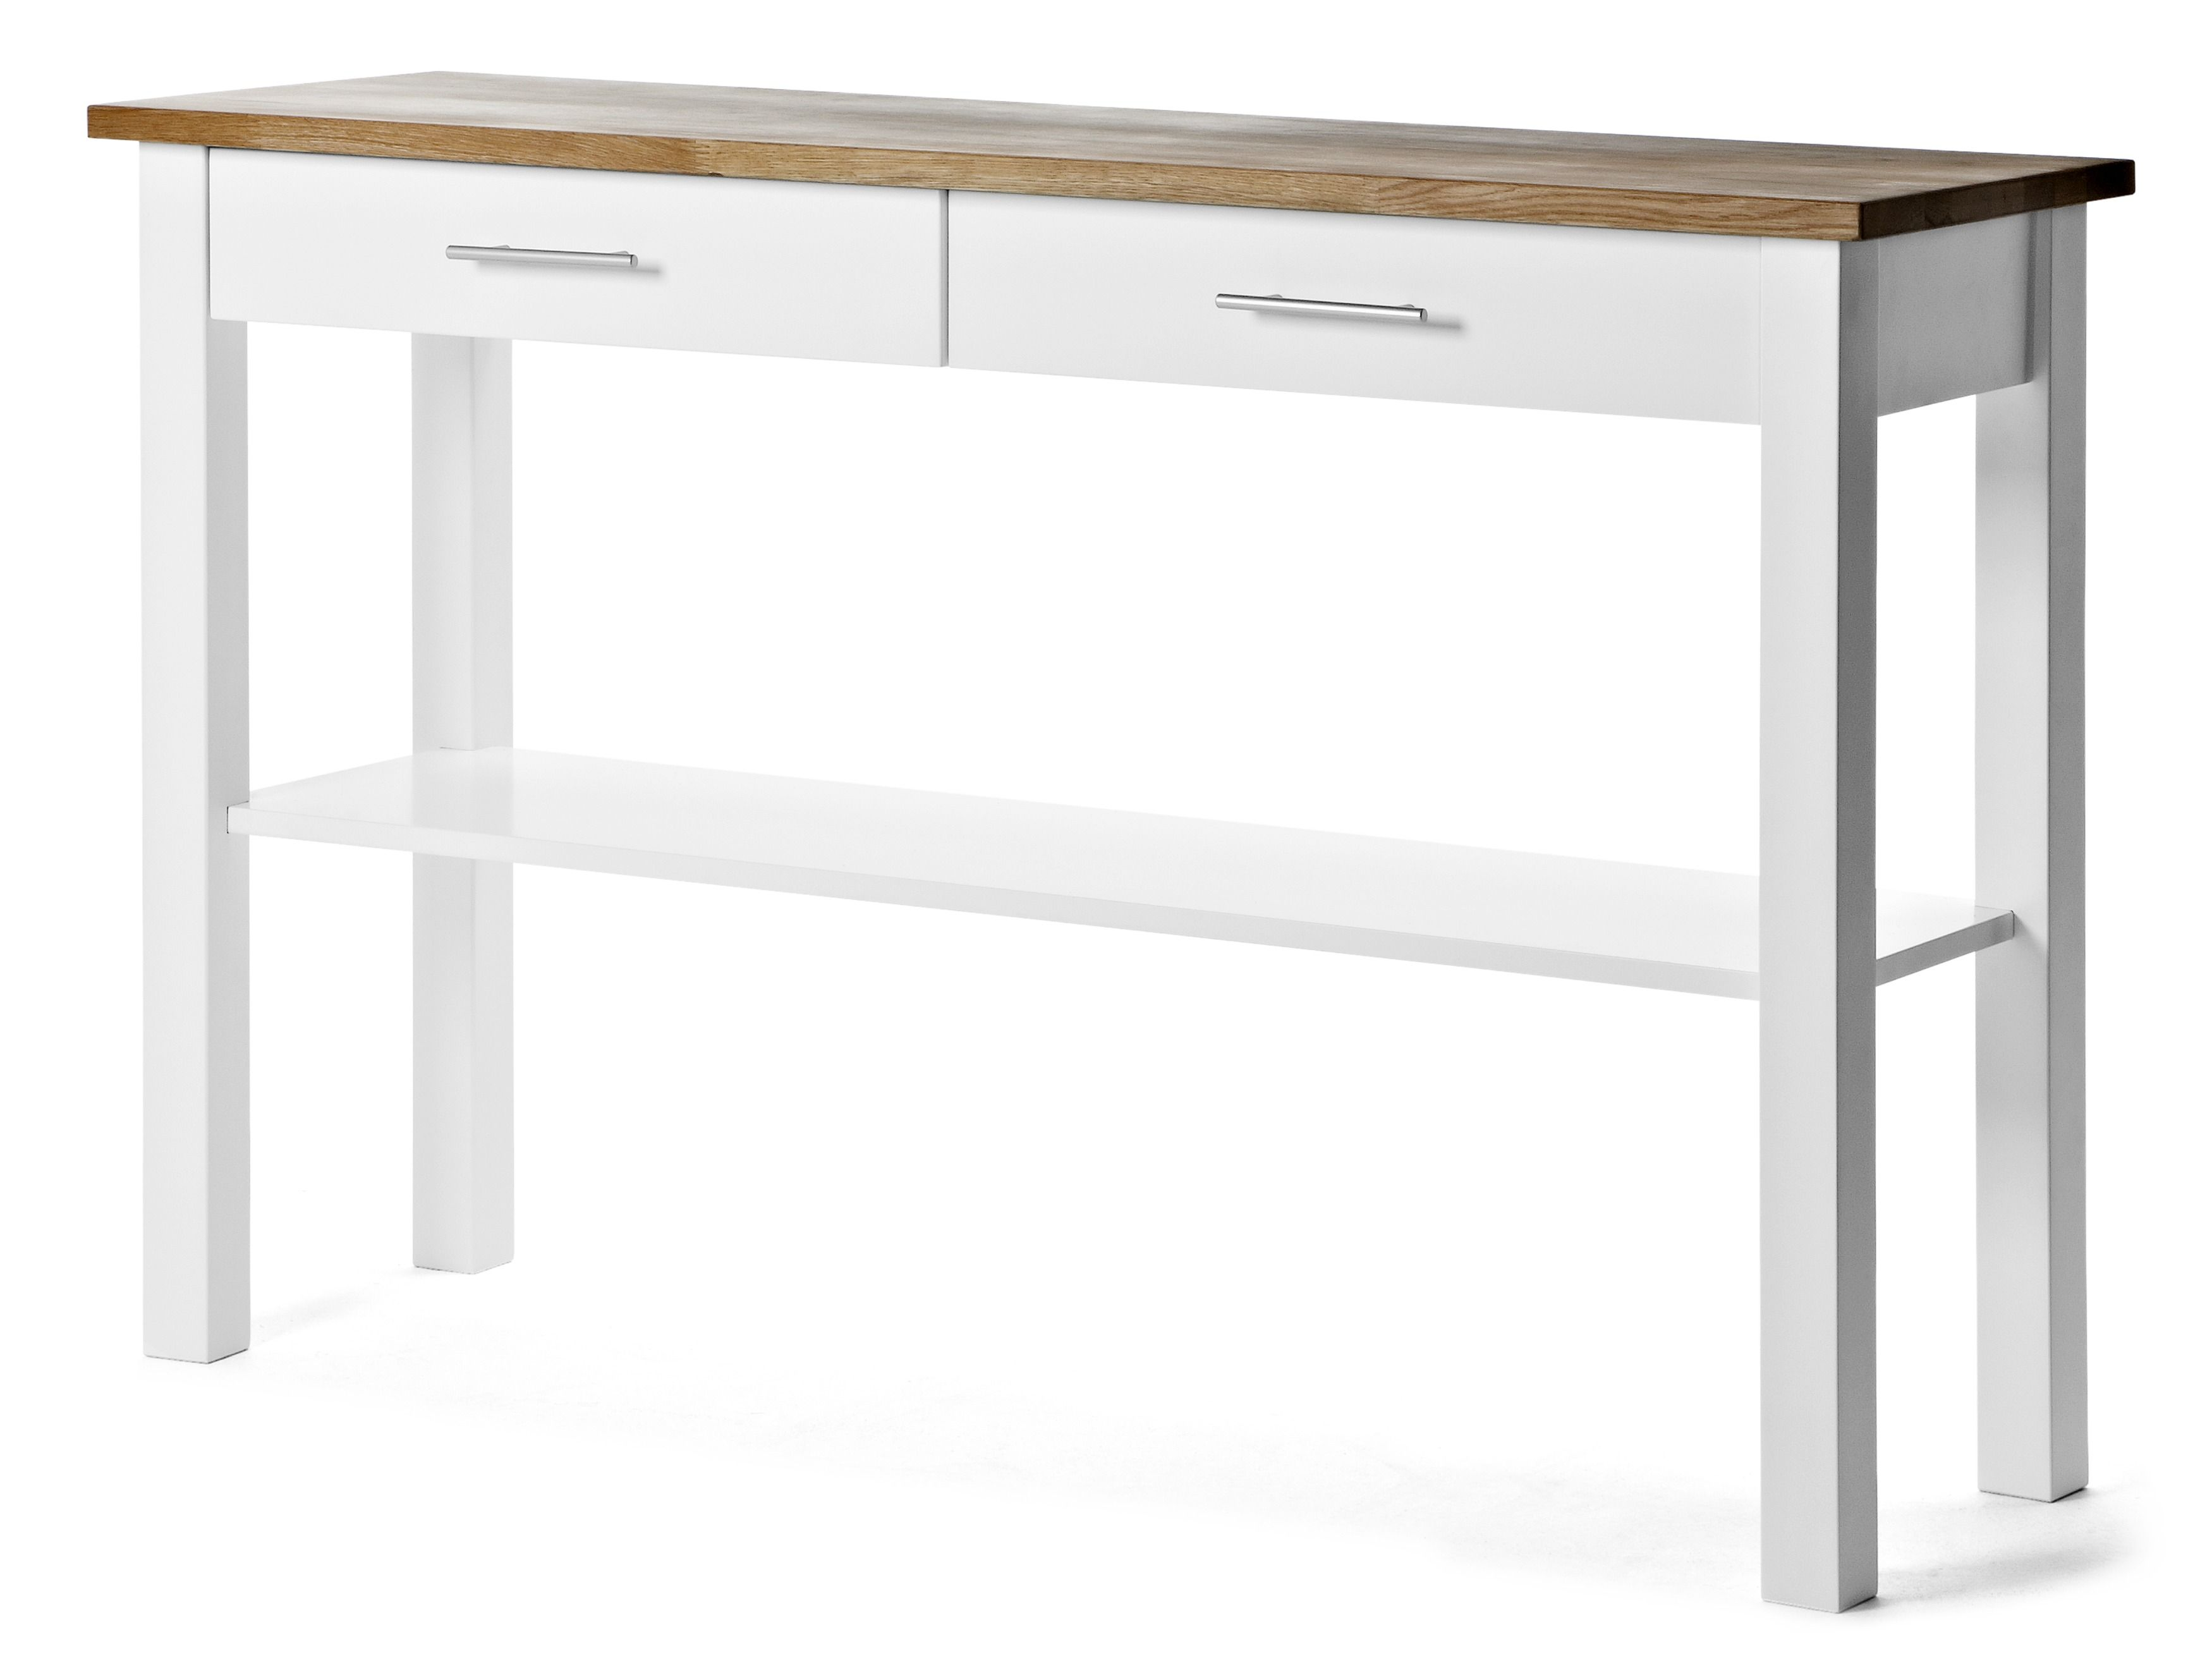 Dalarö avlastningsbord har en diskret skandinavisk charm med tydlig design och rättframma